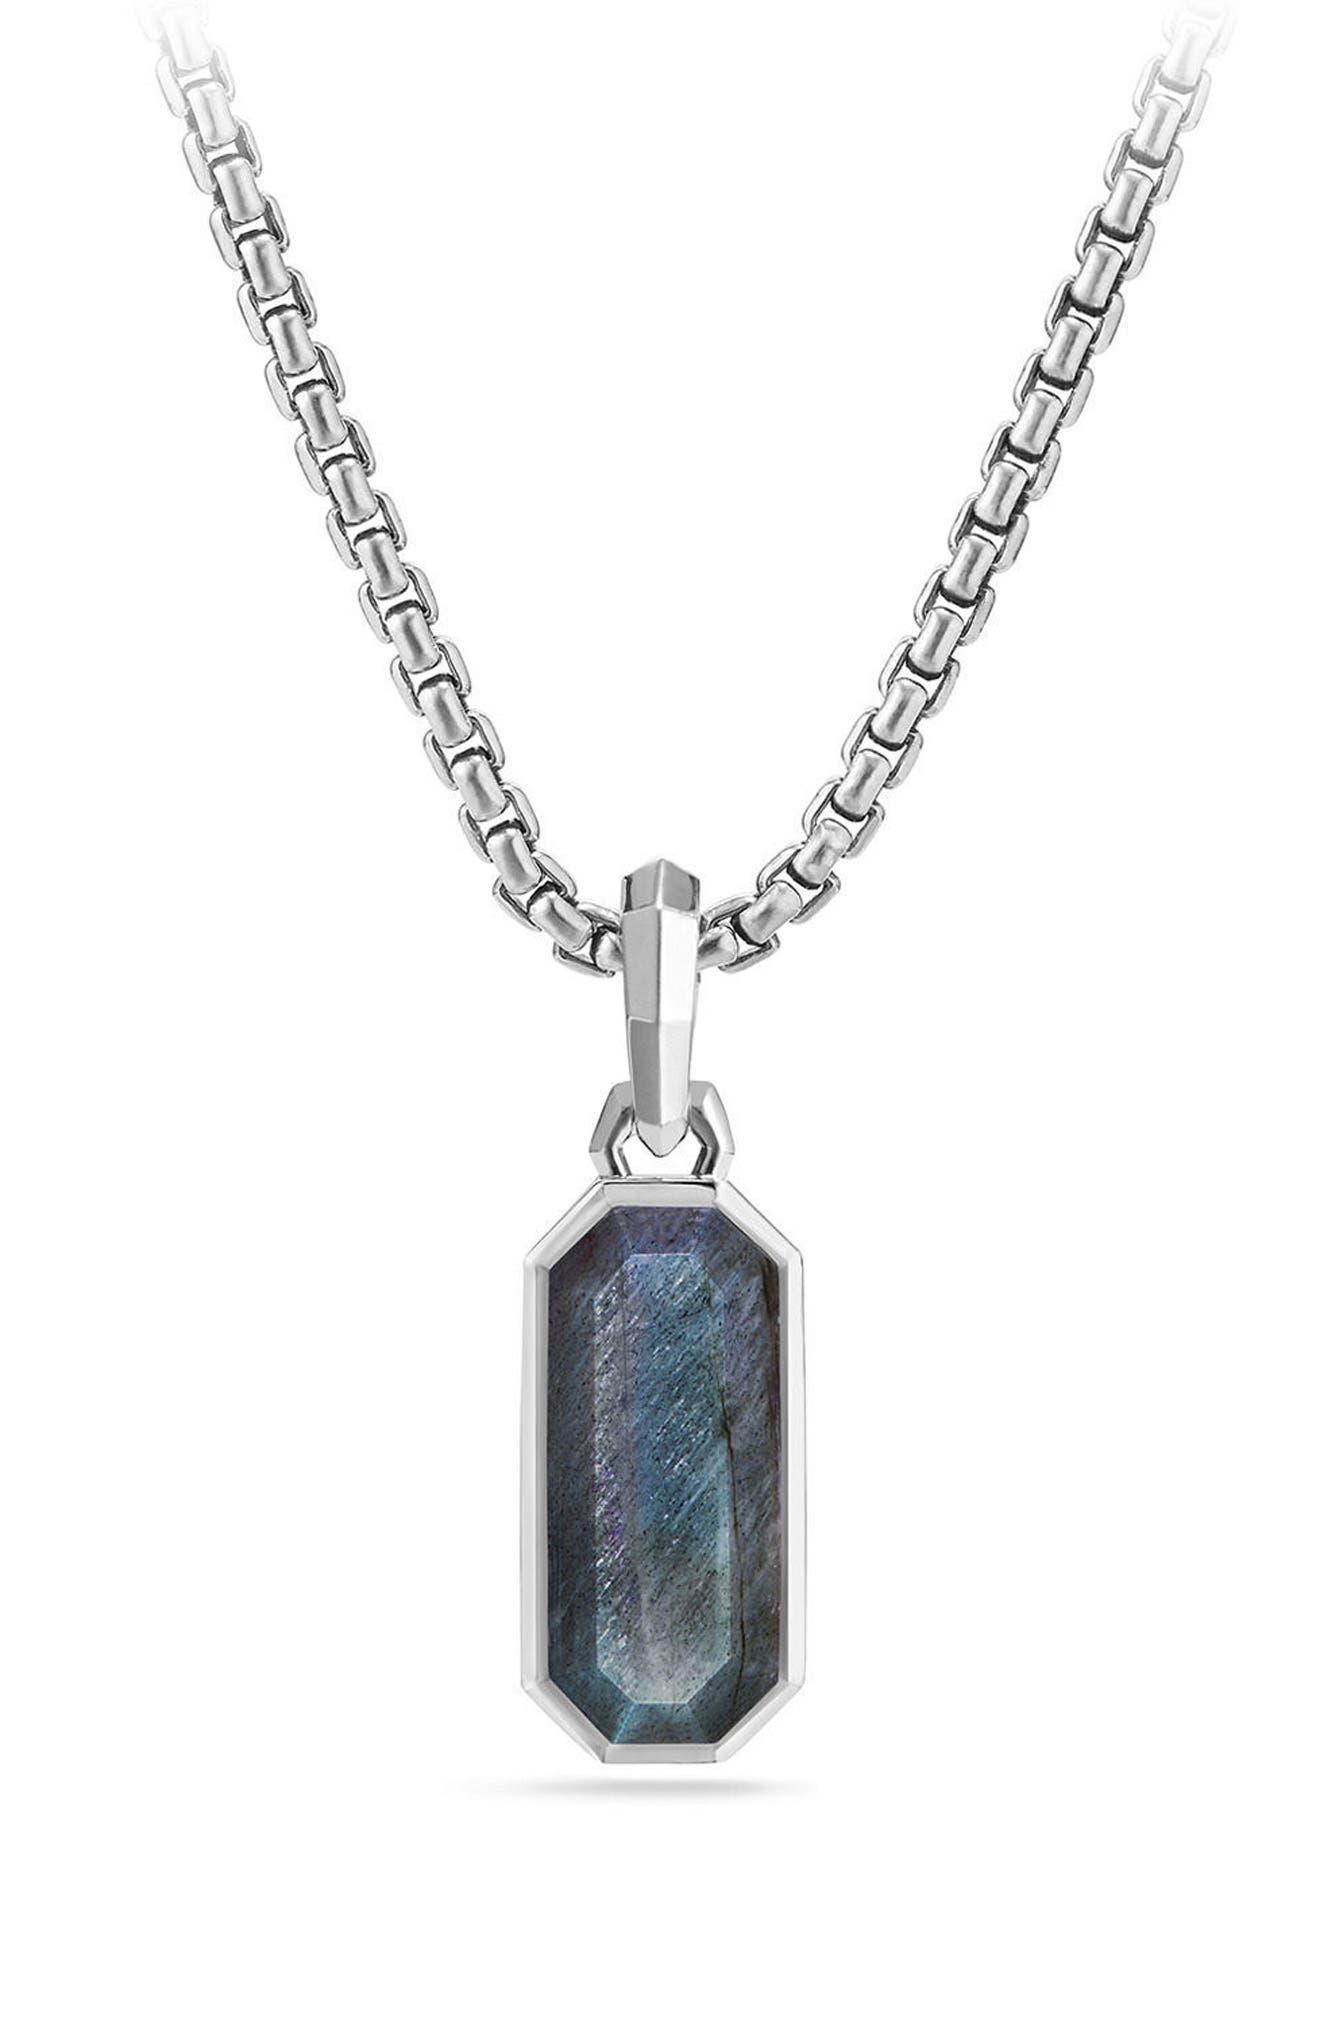 David Yurman Emerald Cut Semiprecious Stone Amulet